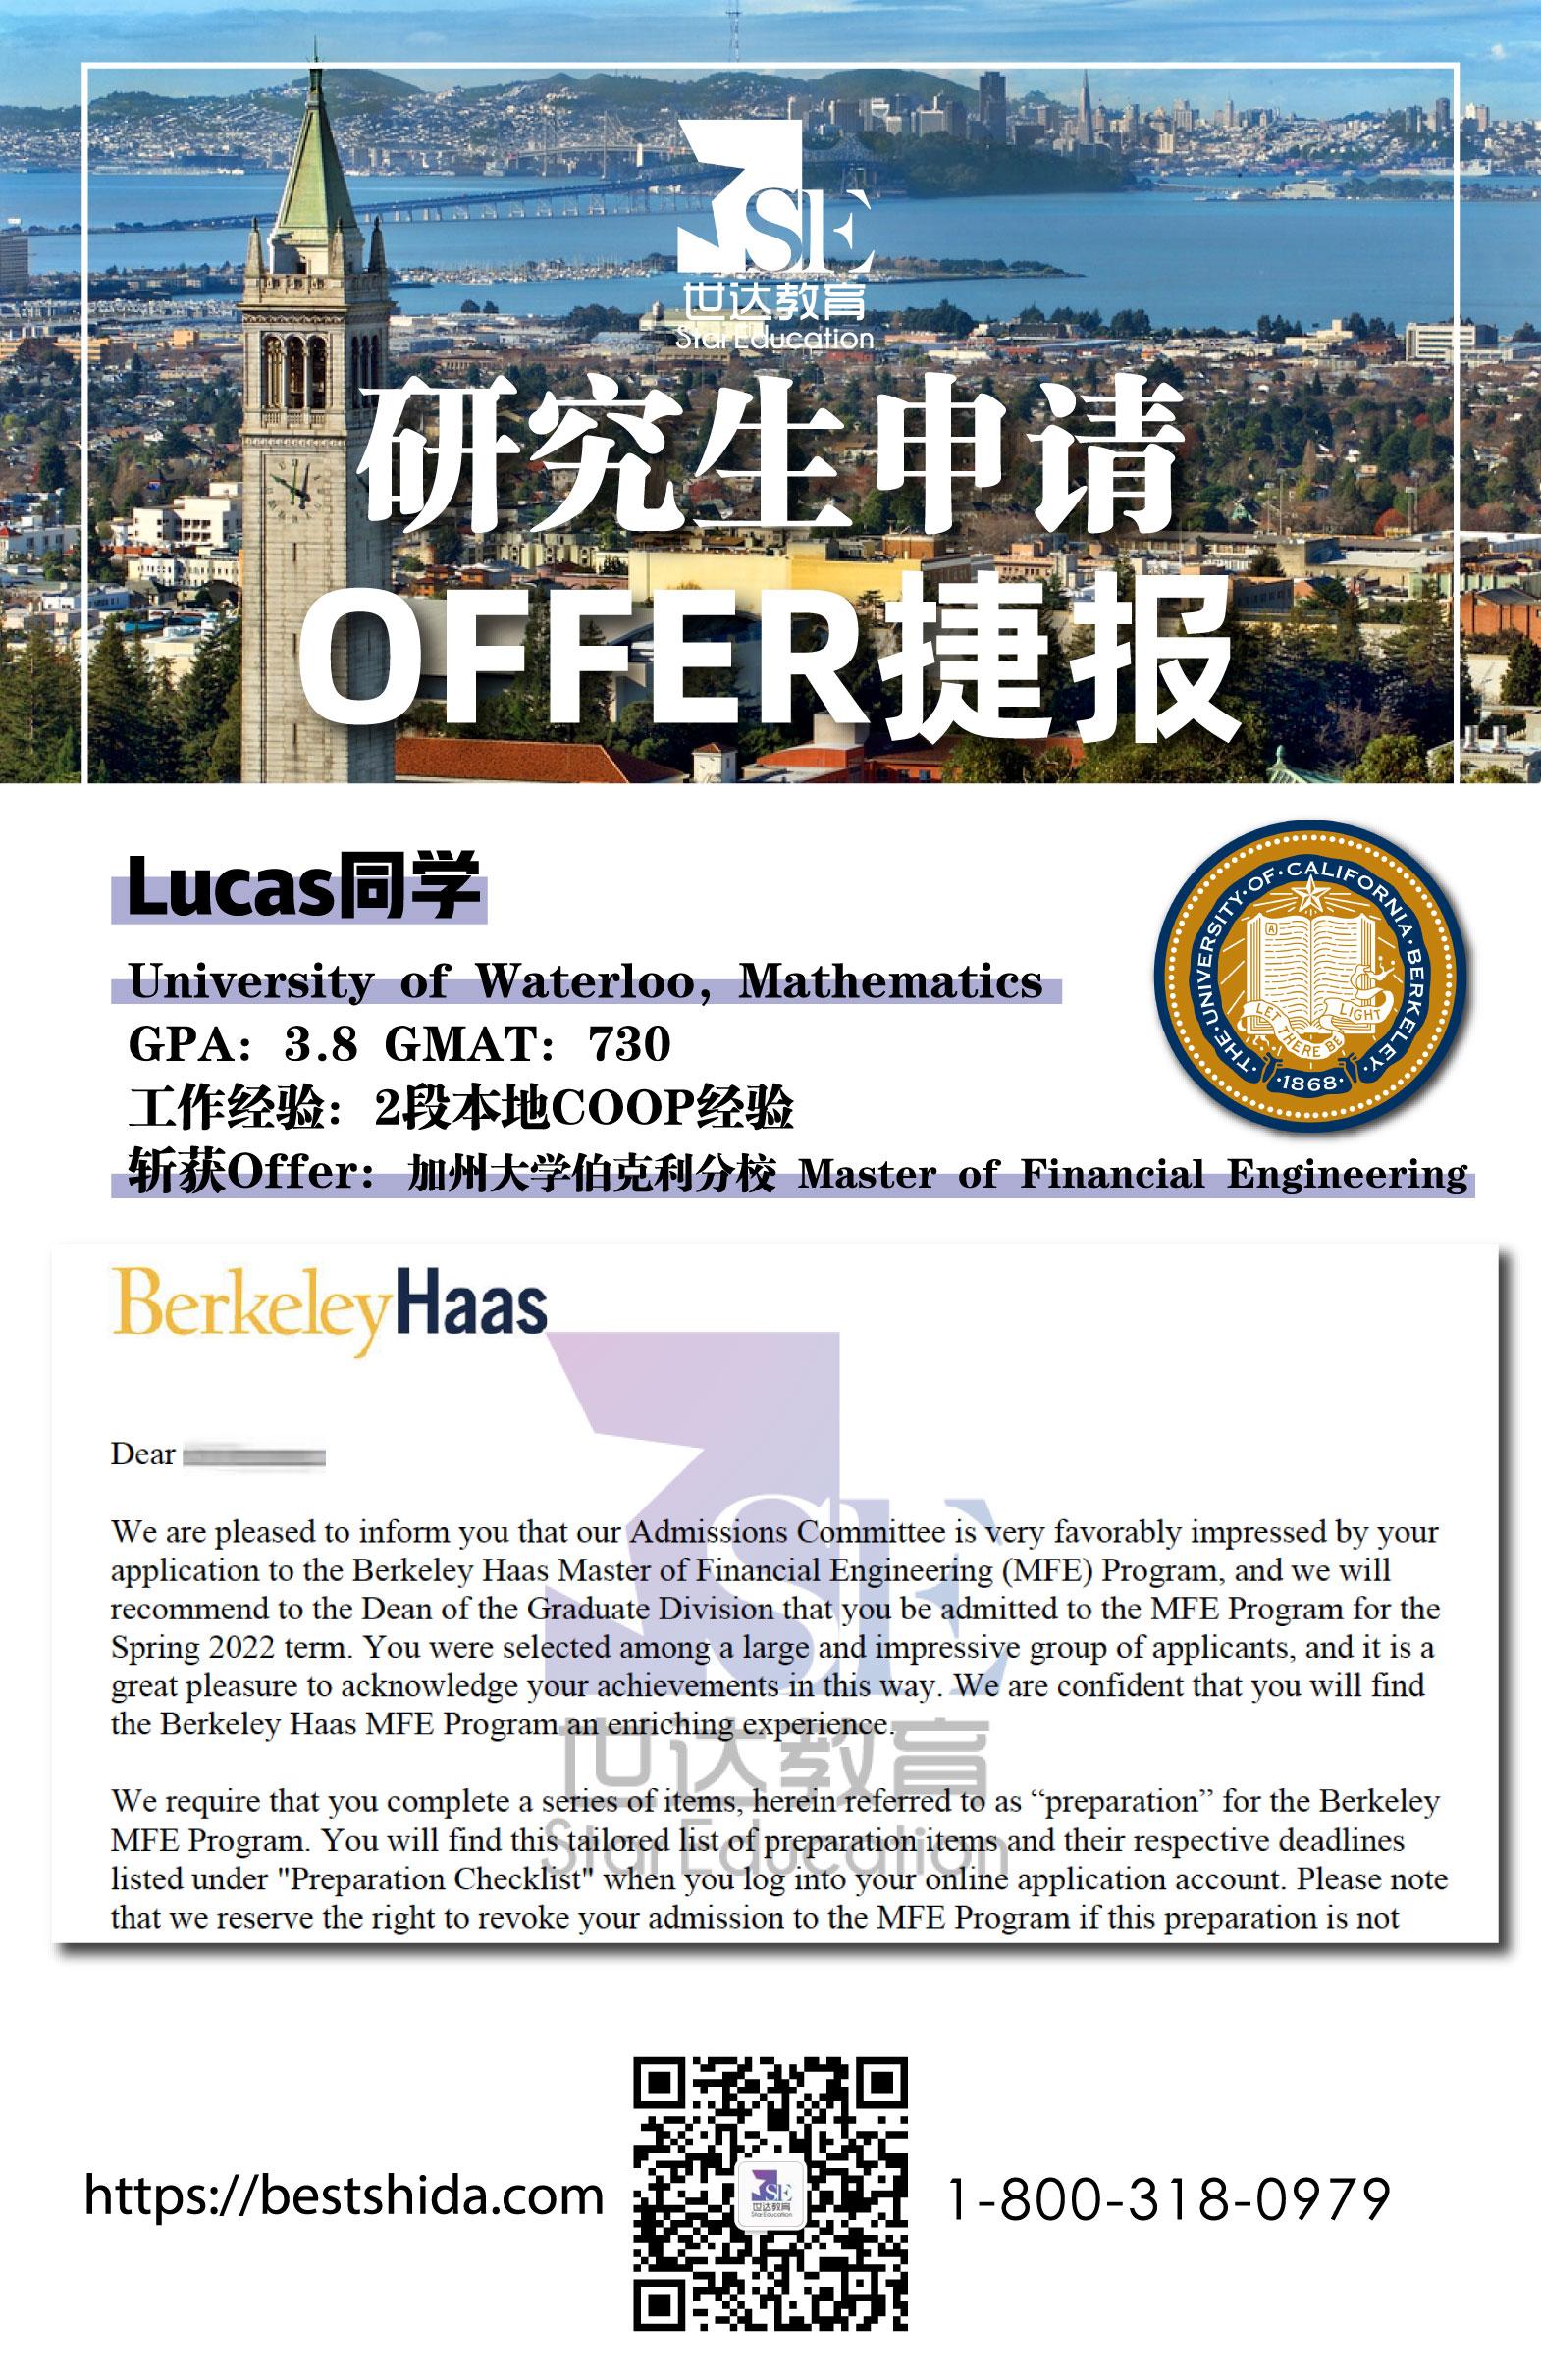 美国加州大学伯克利分校研究生offer - 成功案例